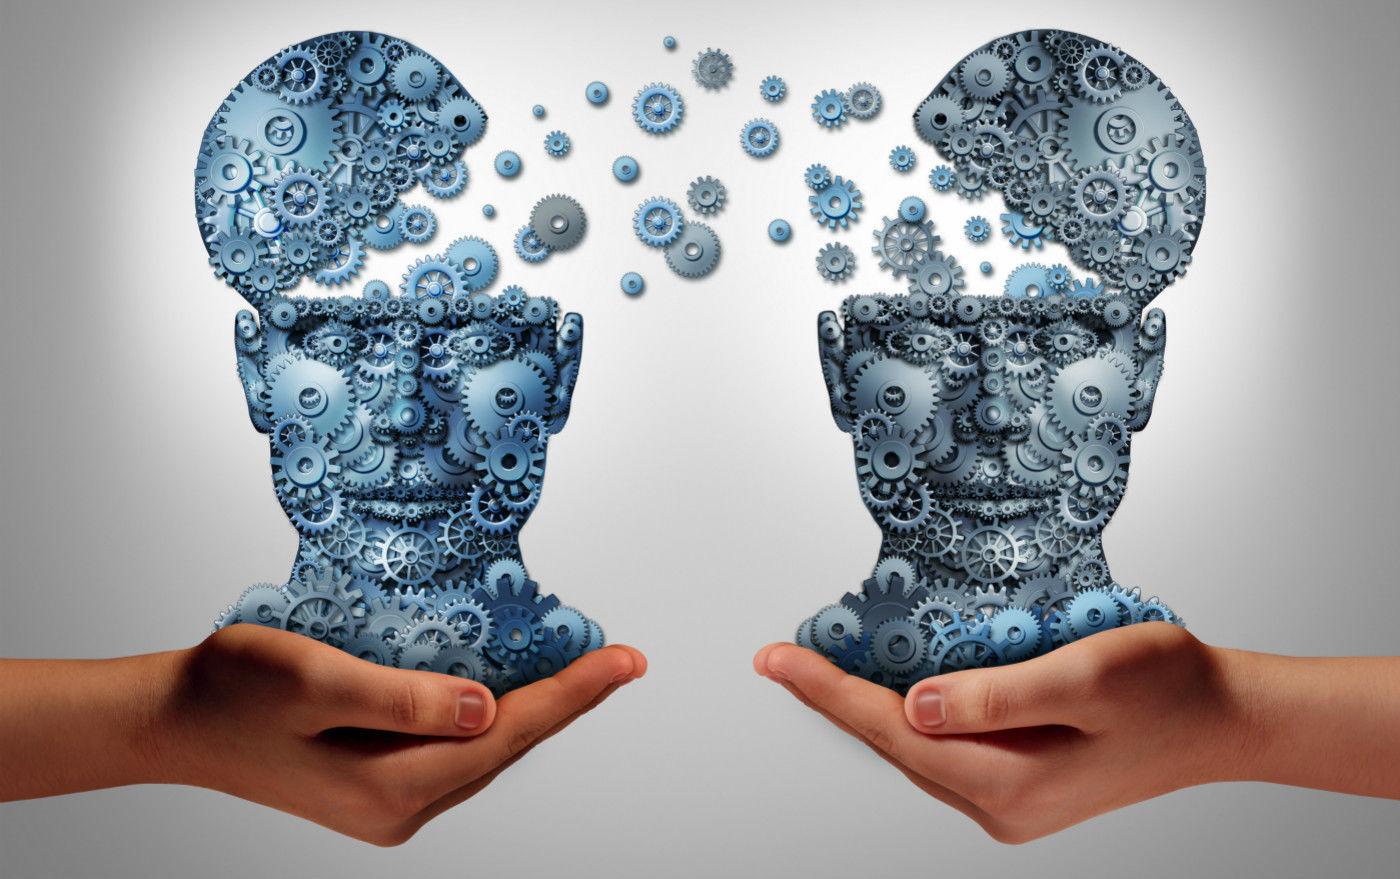 共享经济模式想要成功?看看投资人说的这三点是否满足